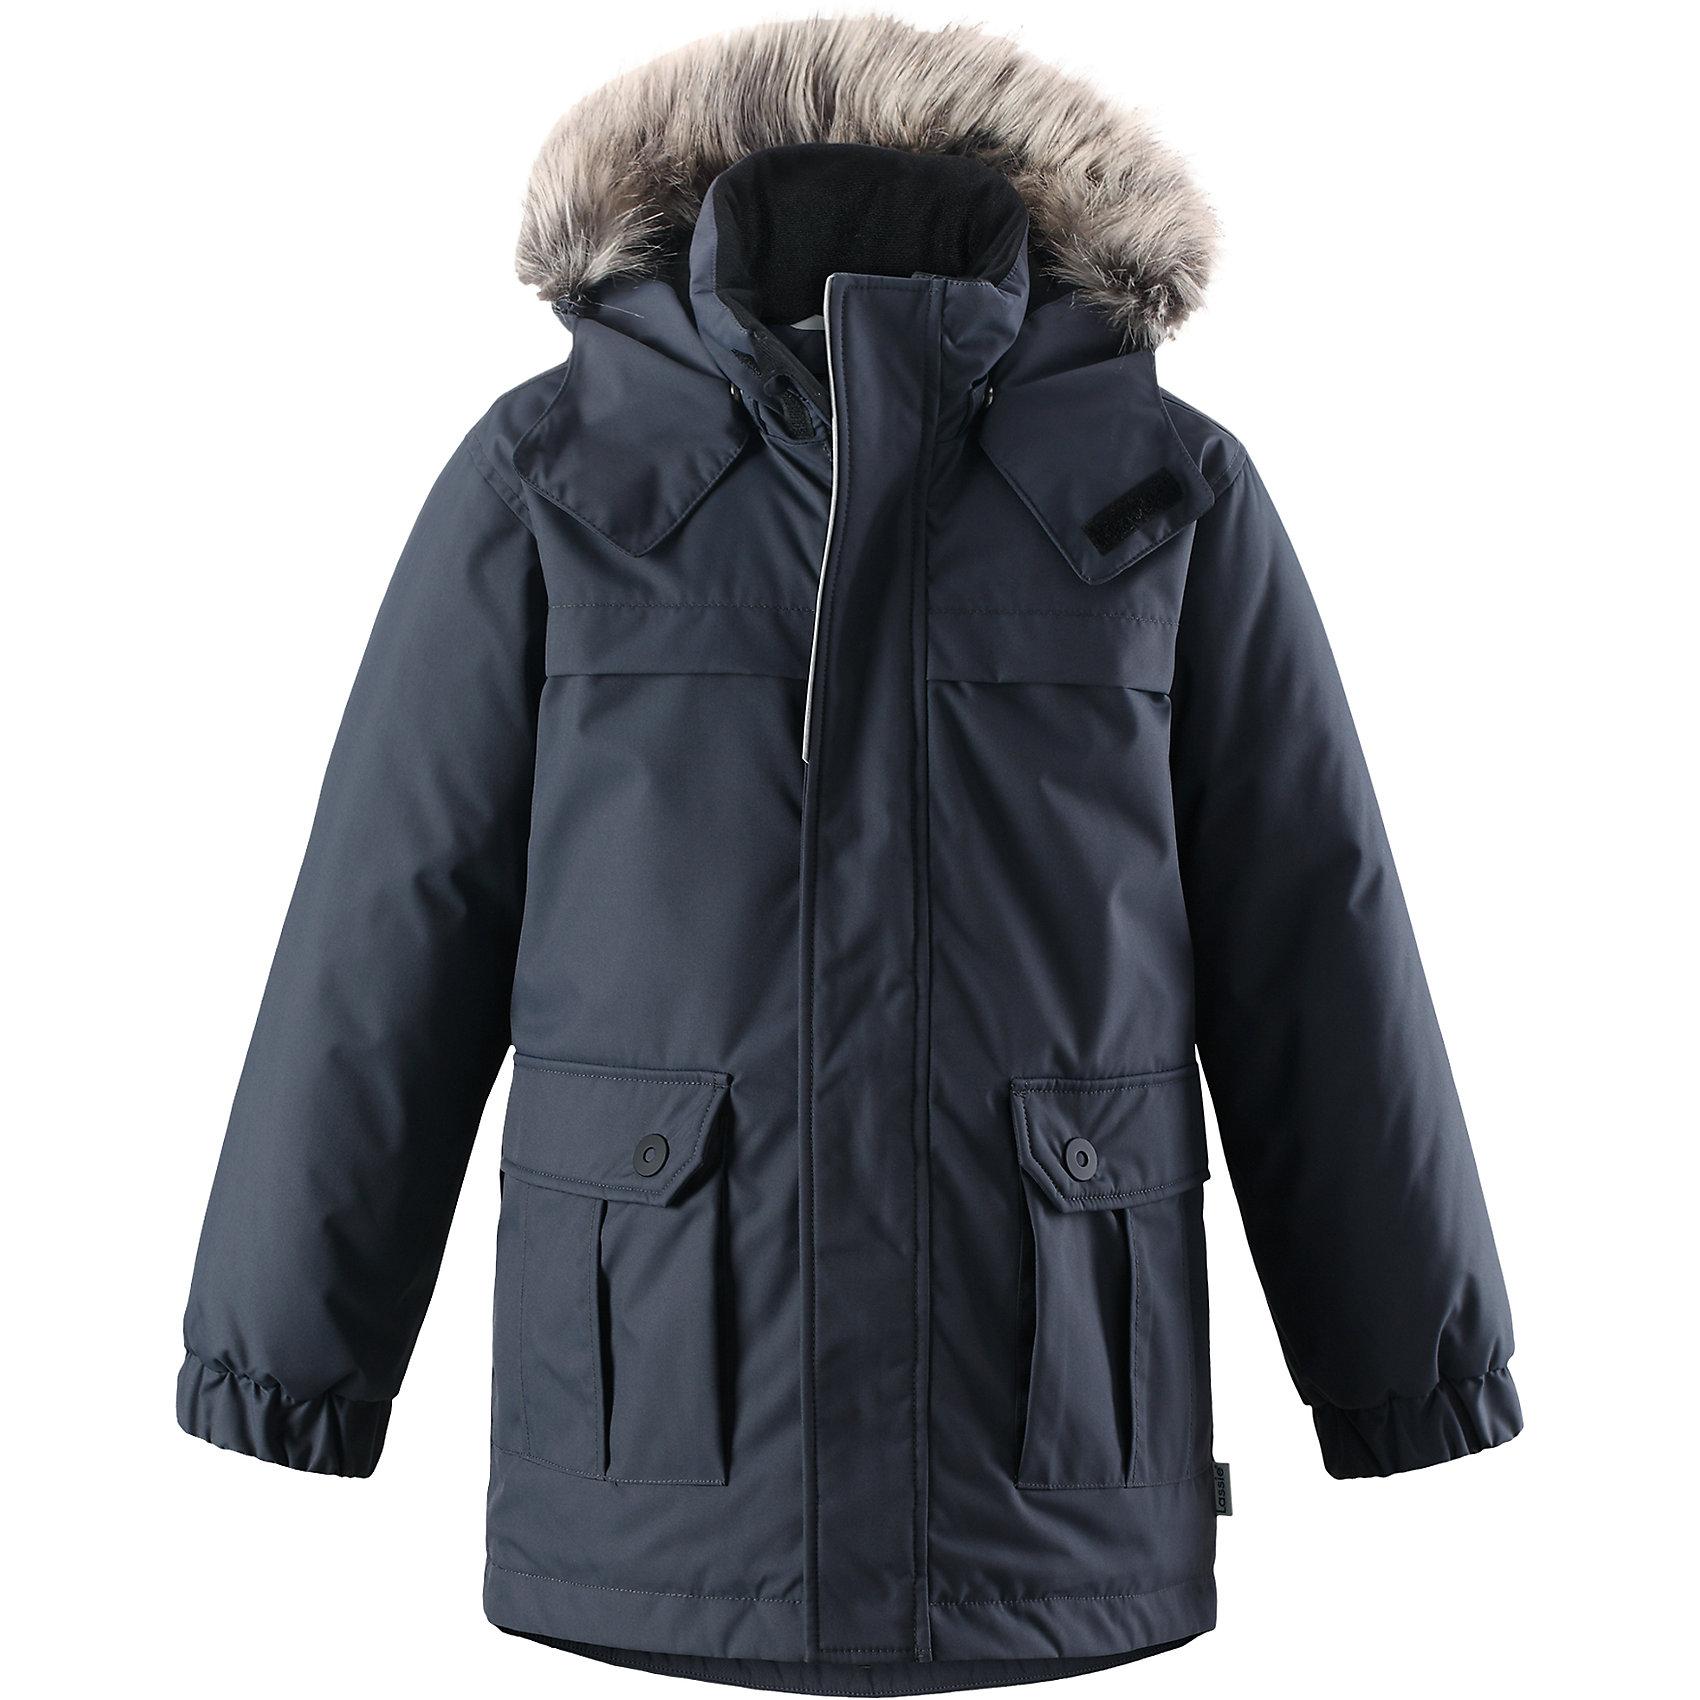 Куртка Lassie для мальчикаОдежда<br>Эта повседневная, но очень стильная детская зимняя парка идеальна для снежных и морозных зимних дней! Удлиненная задняя часть обеспечивает дополнительное утепление, а отделка из искусственного меха защищает нежную детскую кожу от морозного ветра. Съемный капюшон безопасен во время игр на свежем воздухе. Большие карманы с клапанами сохранят ключи от дома и другие важные мелочи.<br>Состав:<br>100% Полиэстер<br><br>Ширина мм: 356<br>Глубина мм: 10<br>Высота мм: 245<br>Вес г: 519<br>Цвет: серый<br>Возраст от месяцев: 108<br>Возраст до месяцев: 120<br>Пол: Мужской<br>Возраст: Детский<br>Размер: 140,92,98,104,110,116,122,128,134<br>SKU: 6927571